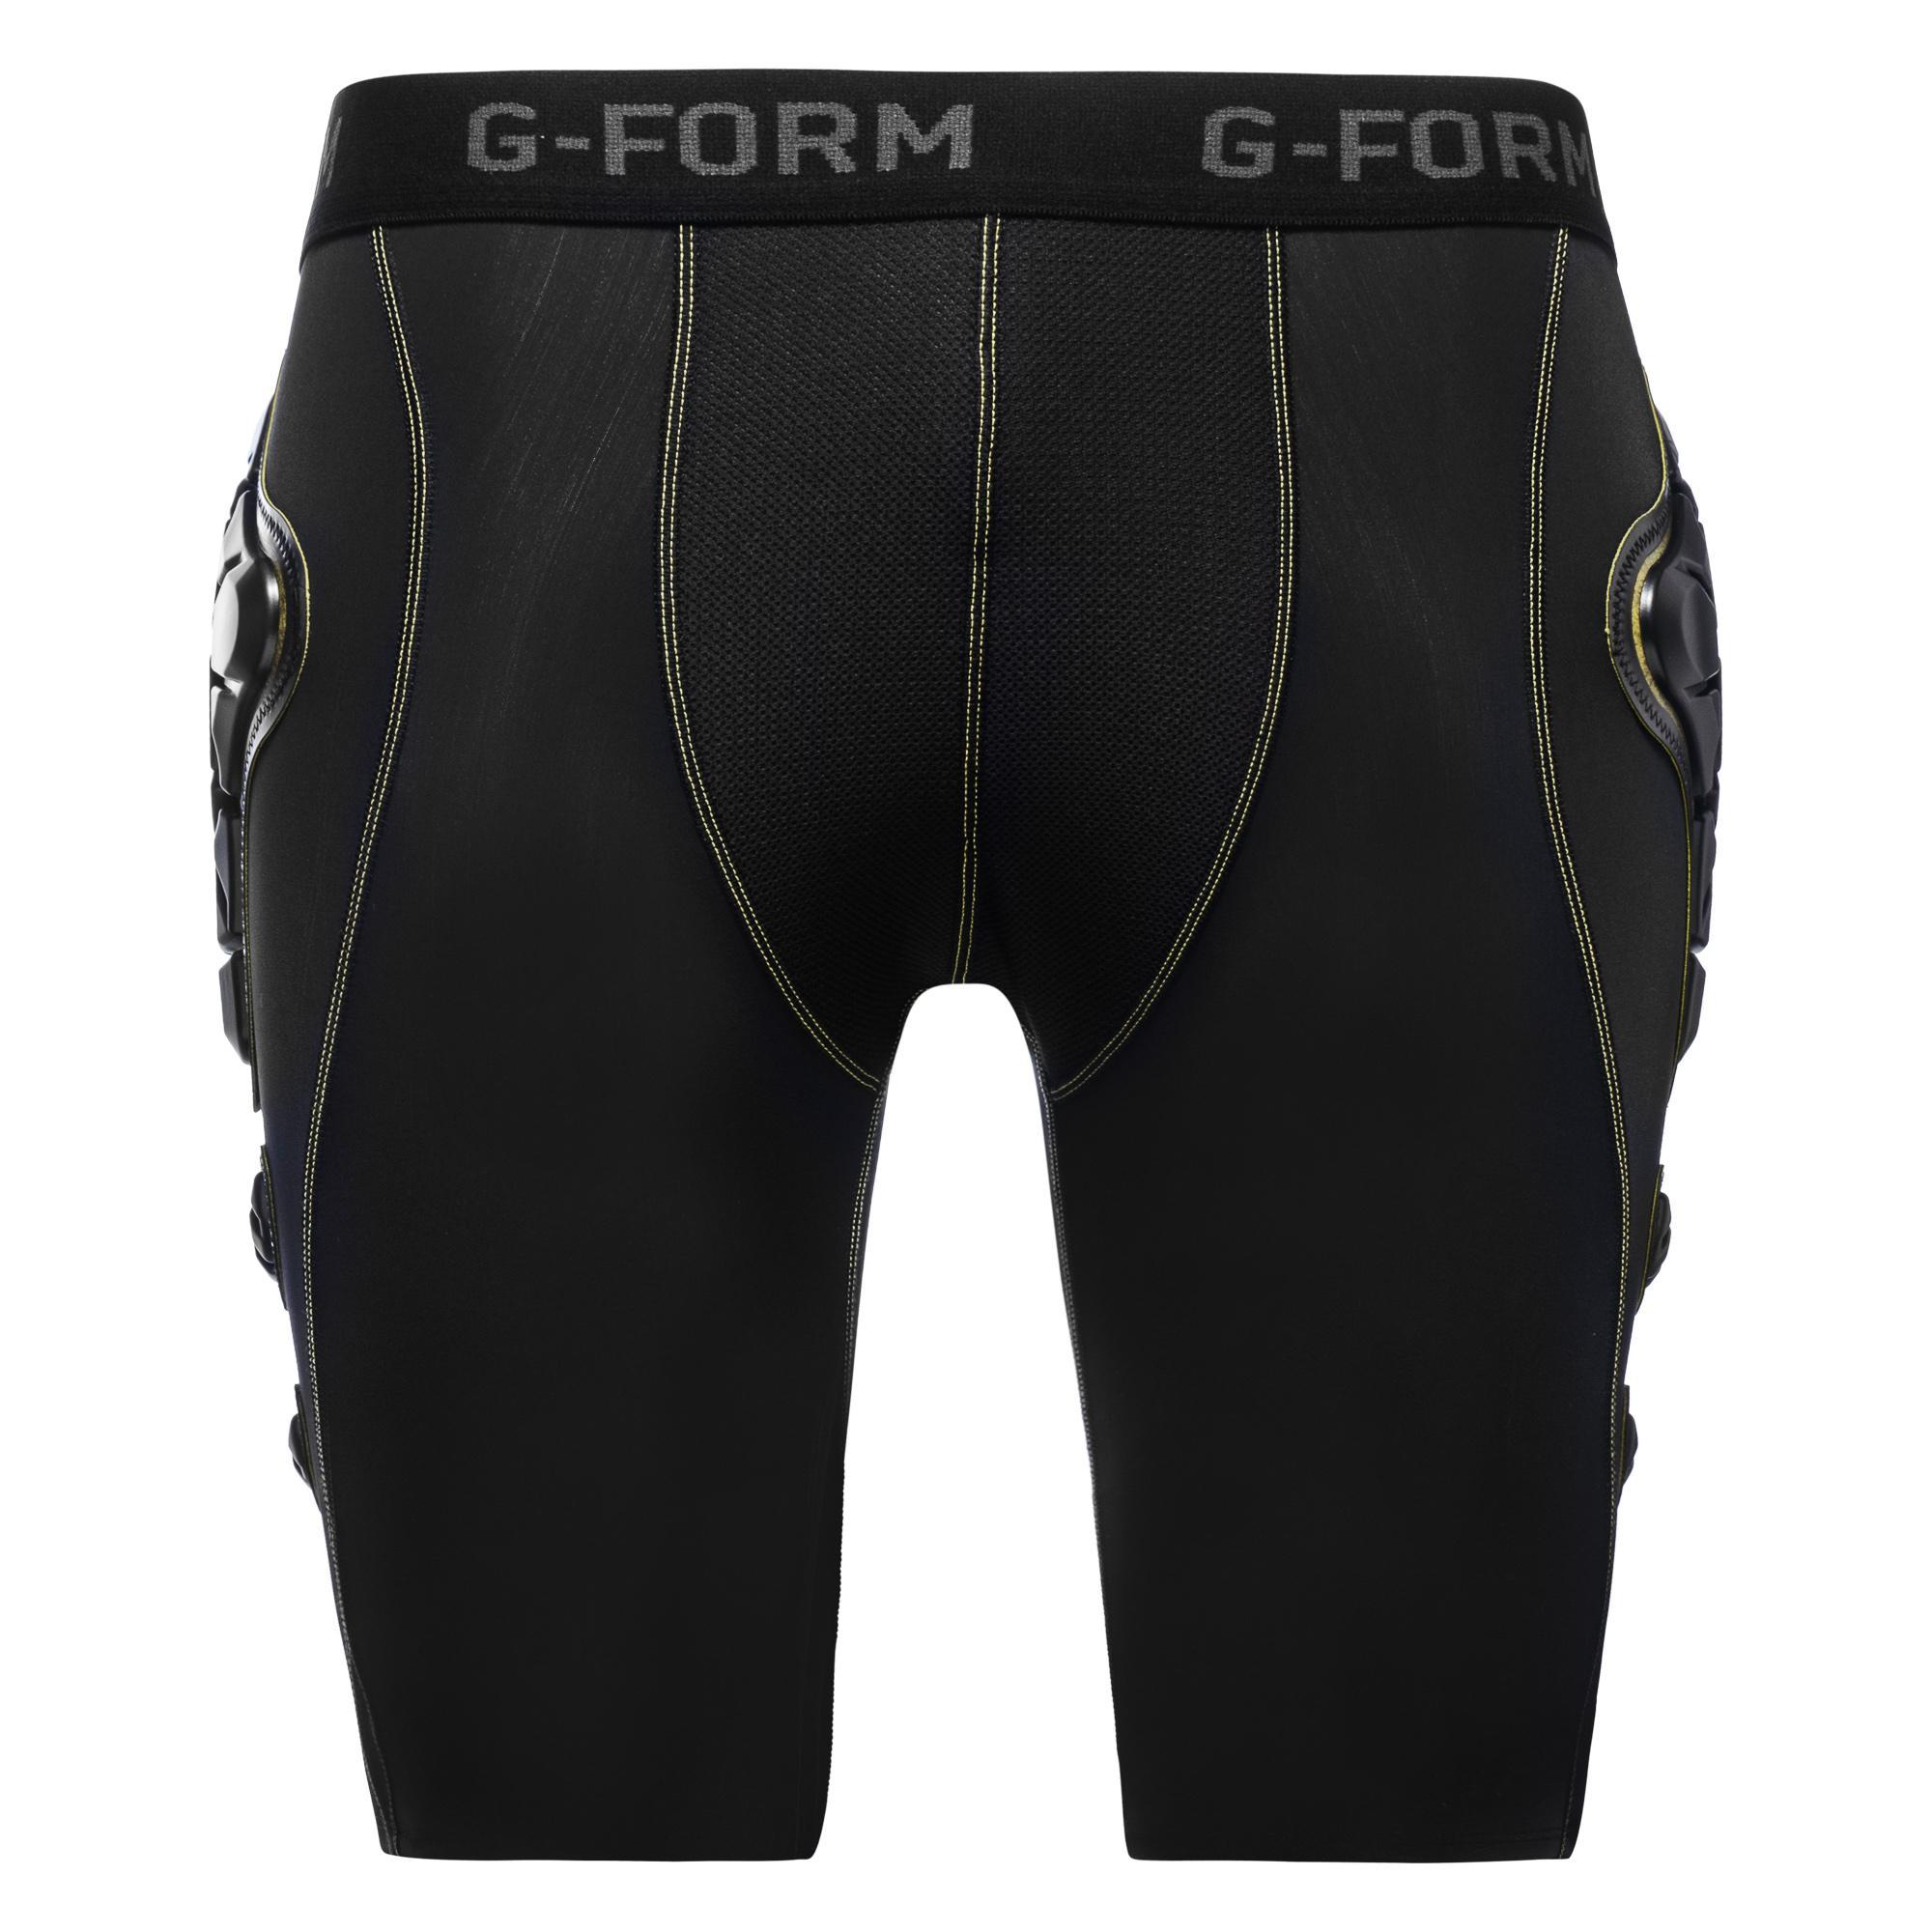 G-Form Tights Compression Pro-X Svart/Gul